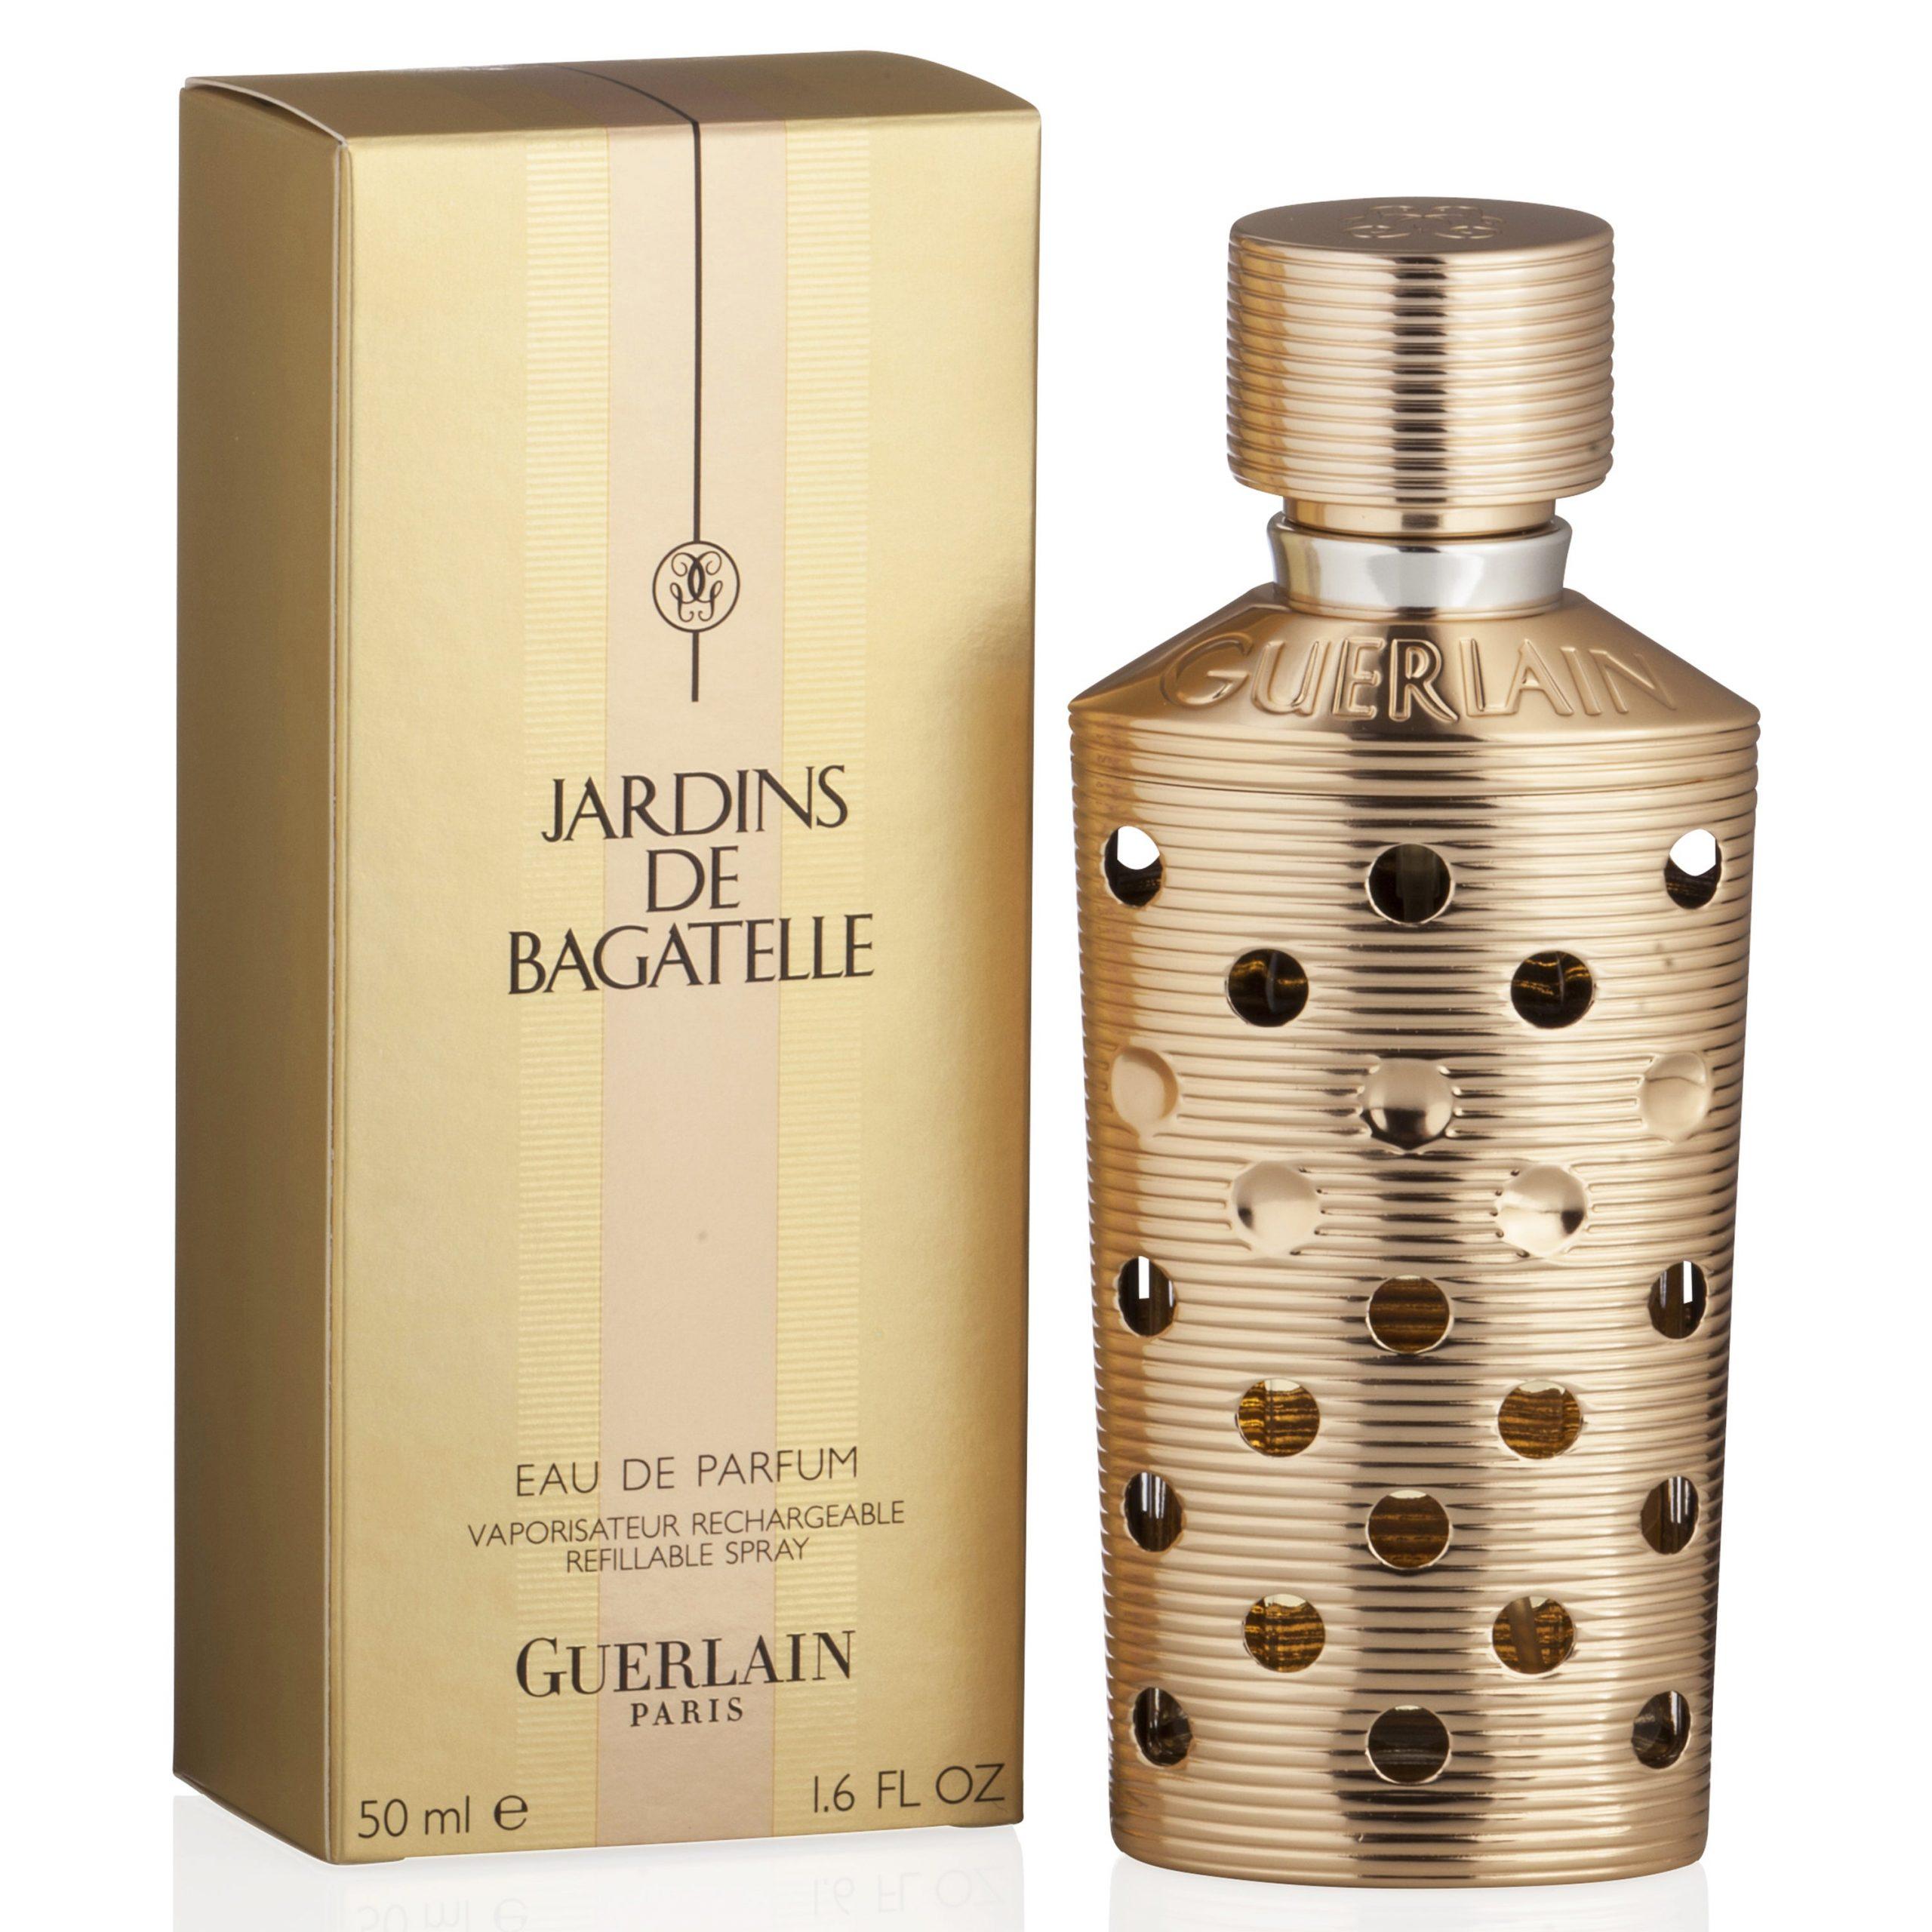 Guerlain Jardins De Bagatelle Women's 1.6-Ounce Refillable Eau De Parfum  Spray serapportantà Jardin De Bagatelle Guerlain